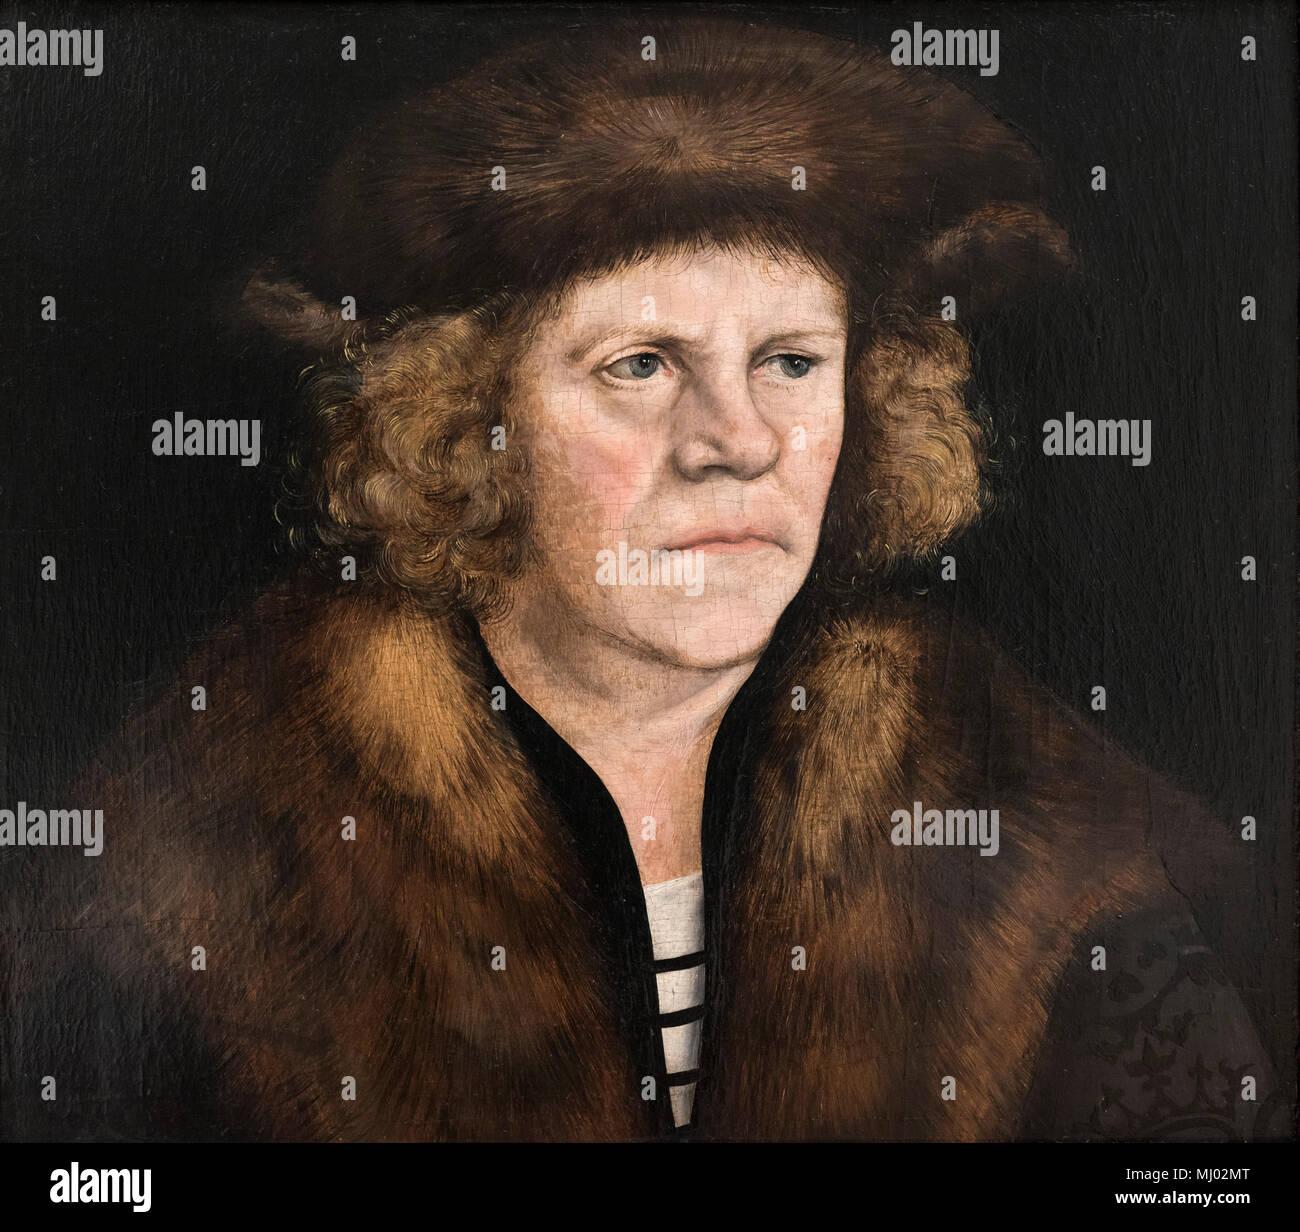 Lucas Cranach the Elder (1472-1553), Portrait of a man with brown fur beret, ca.1510/12. Bildnis eines Mannes mit braunem Pelzbarett. - Stock Image